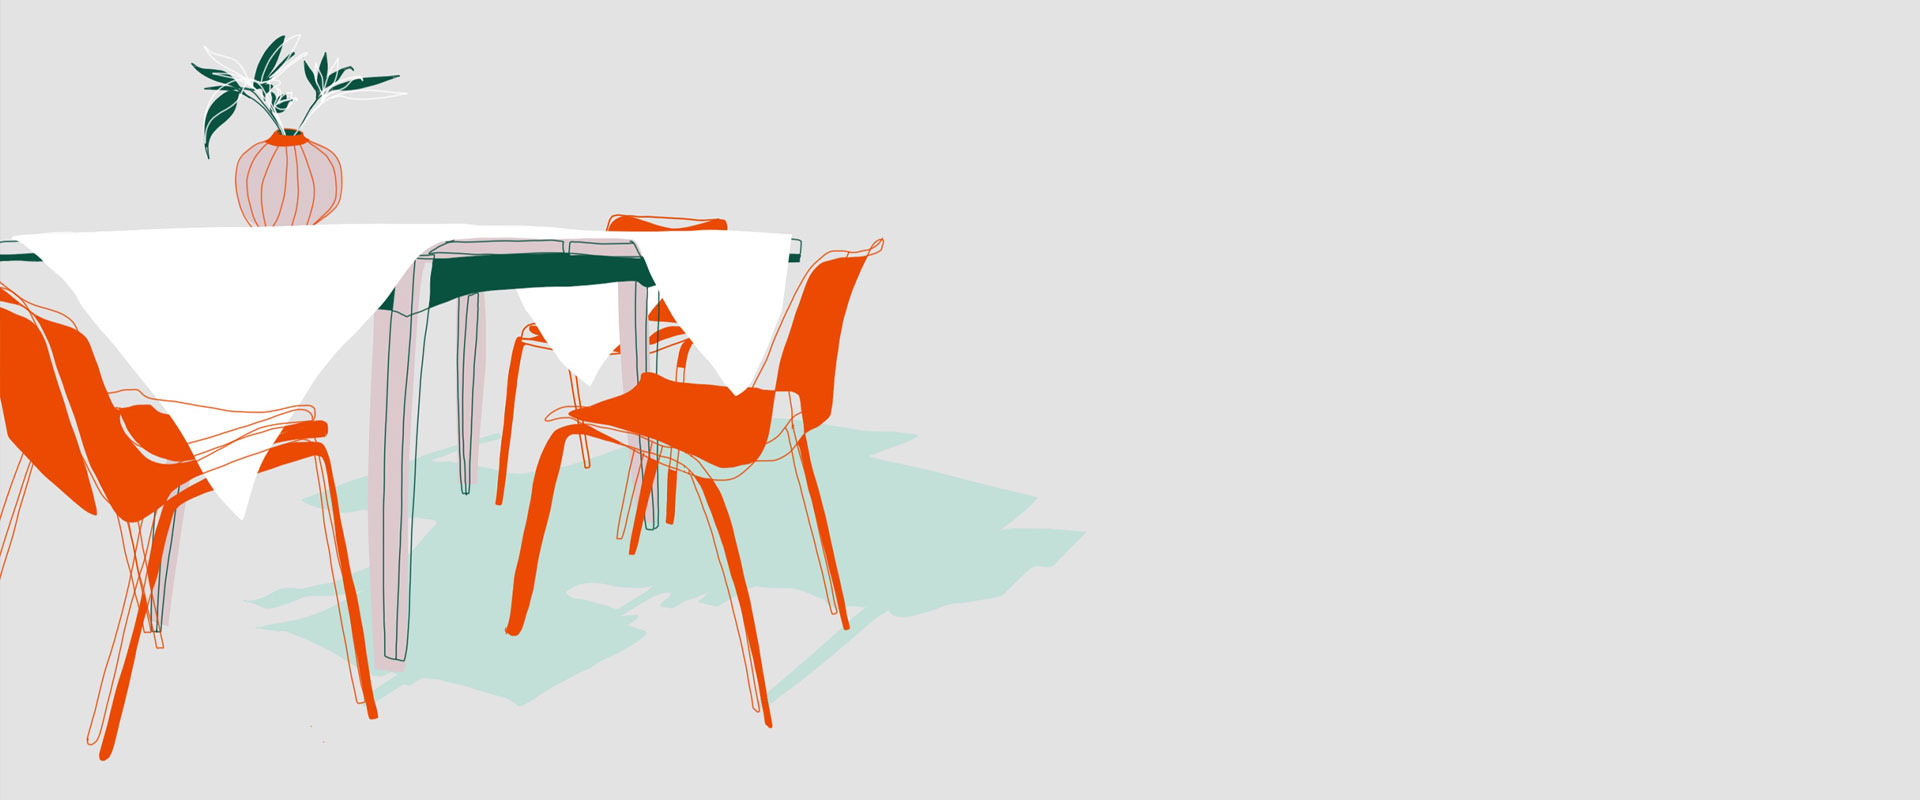 Illustration von einem Tisch im Garten mit orangenen Stühlen und einer Vase.